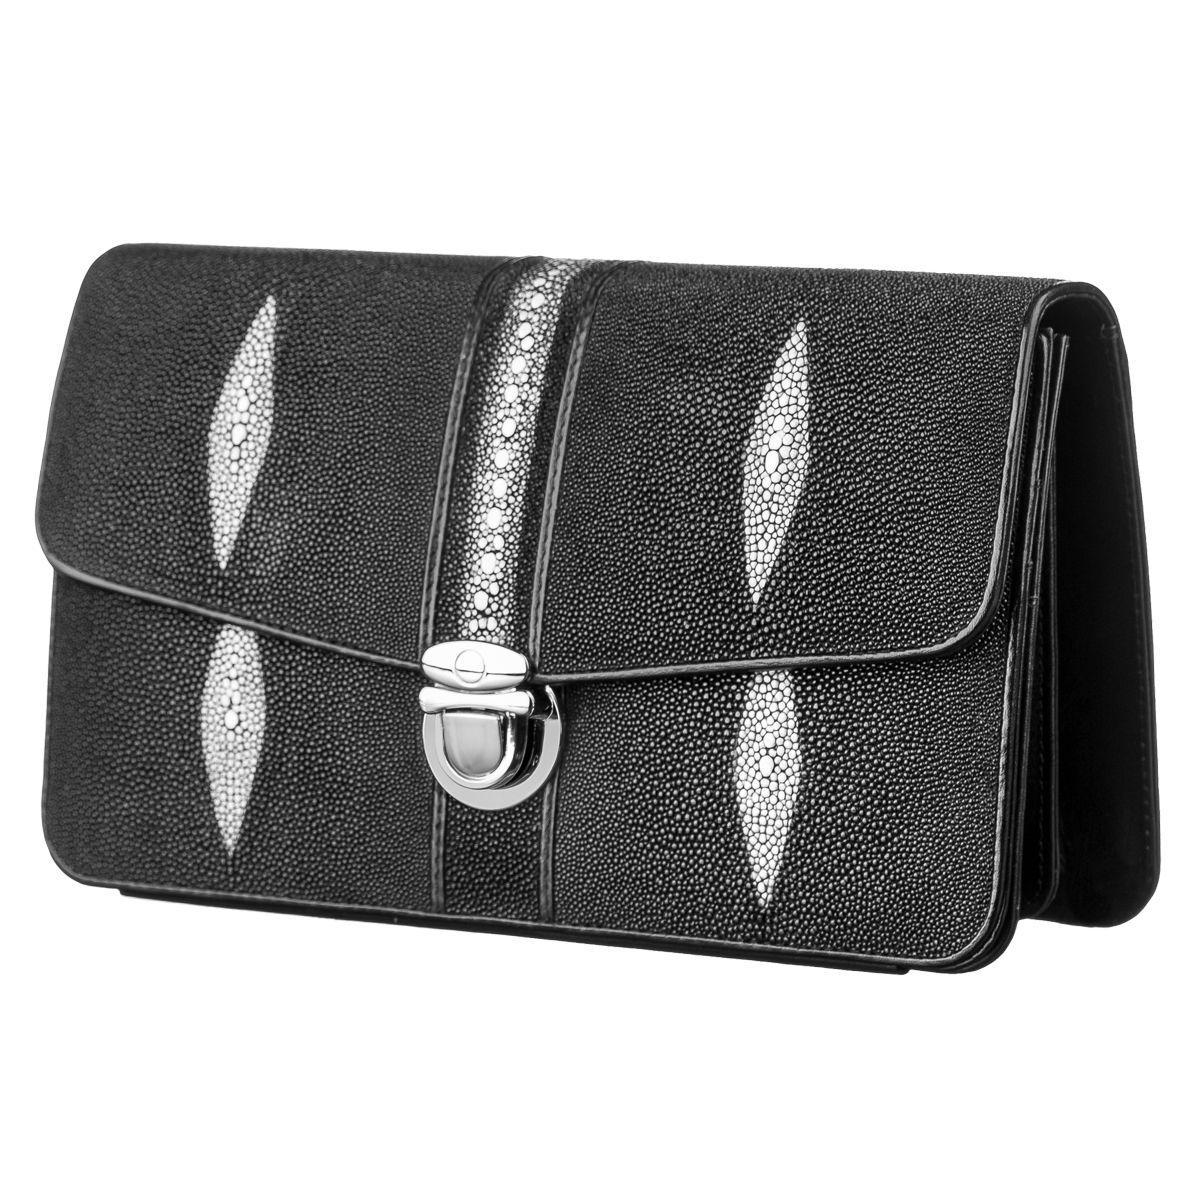 Барсетка Мужская Stingray Leather 18121 Из Натуральной Кожи Морского Ската Черная, Черный